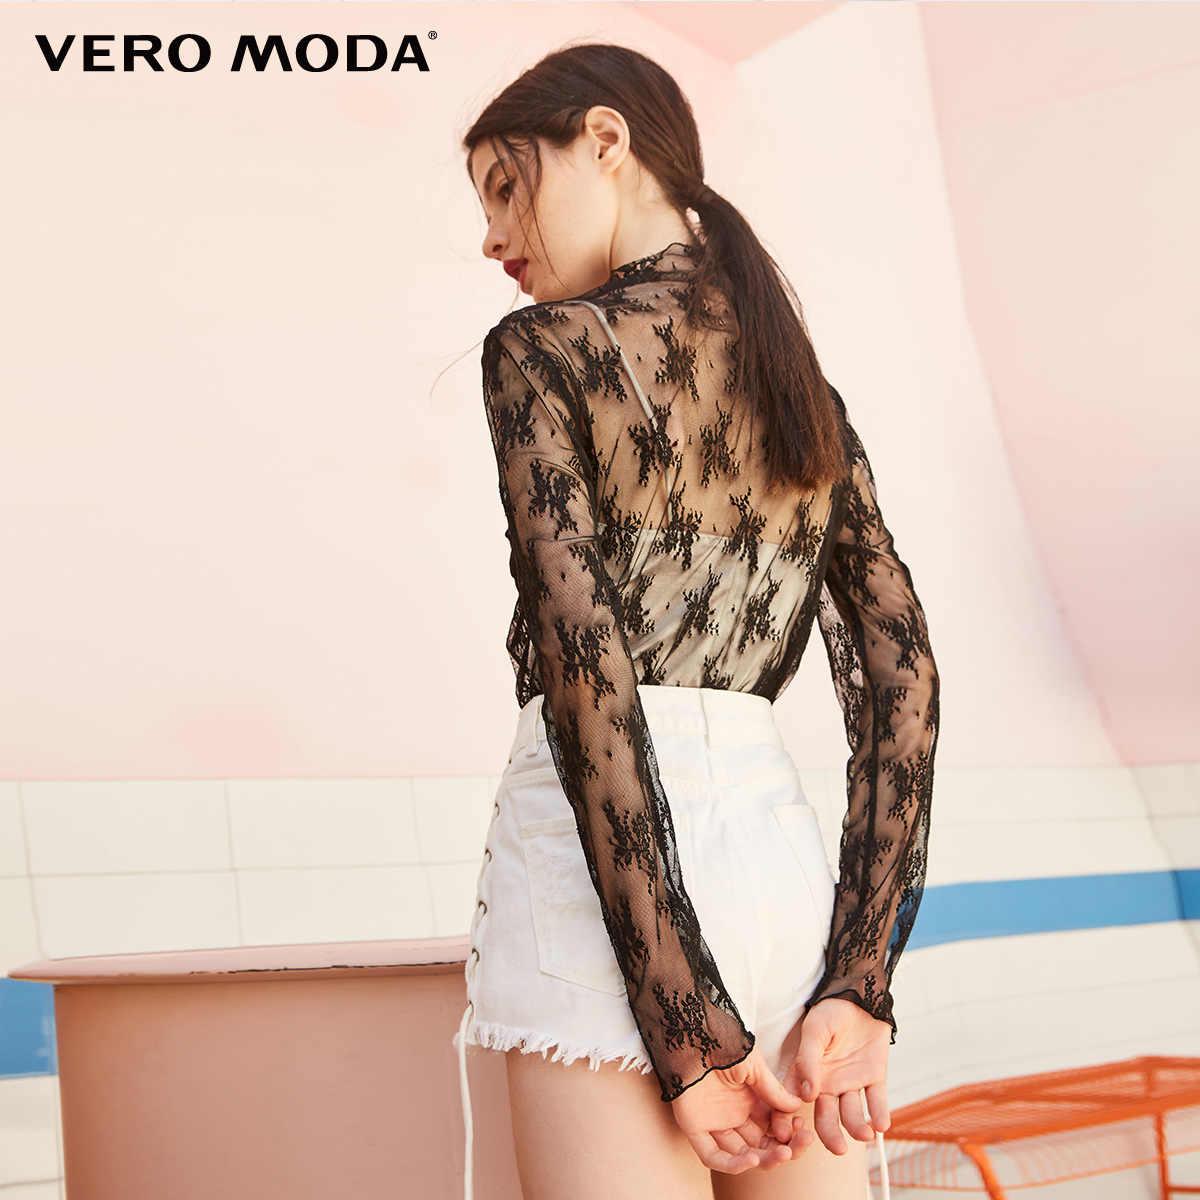 Vero Moda женские сексуальные сетчатые Прозрачные топы с длинными рукавами и воротником-стойкой, женские свободные повседневные Элегантные футболки   318302503